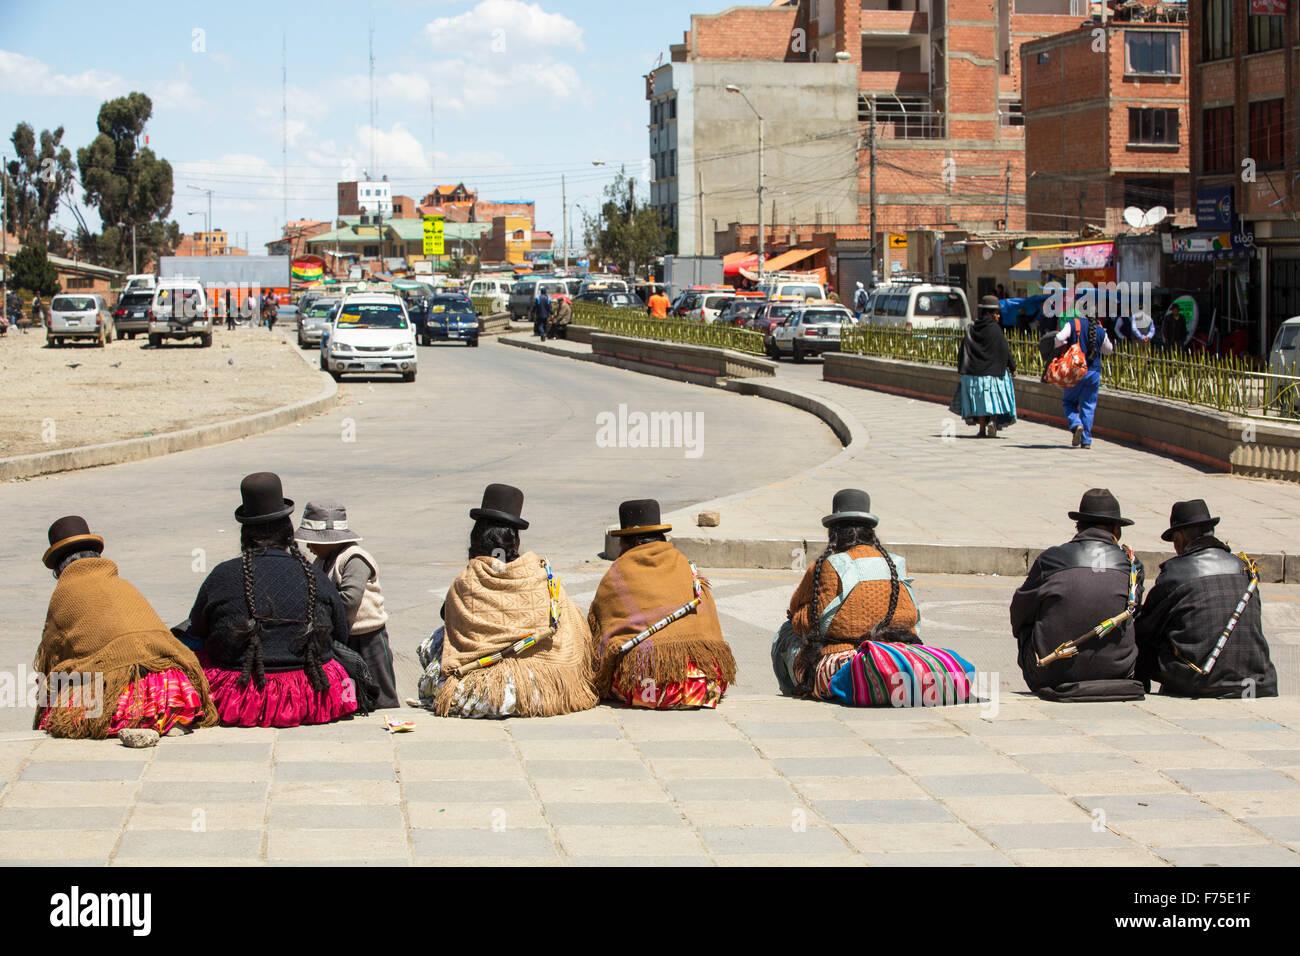 Las mujeres indígenas bolivianos en El Alto por encima de la Paz, Bolivia. Imagen De Stock